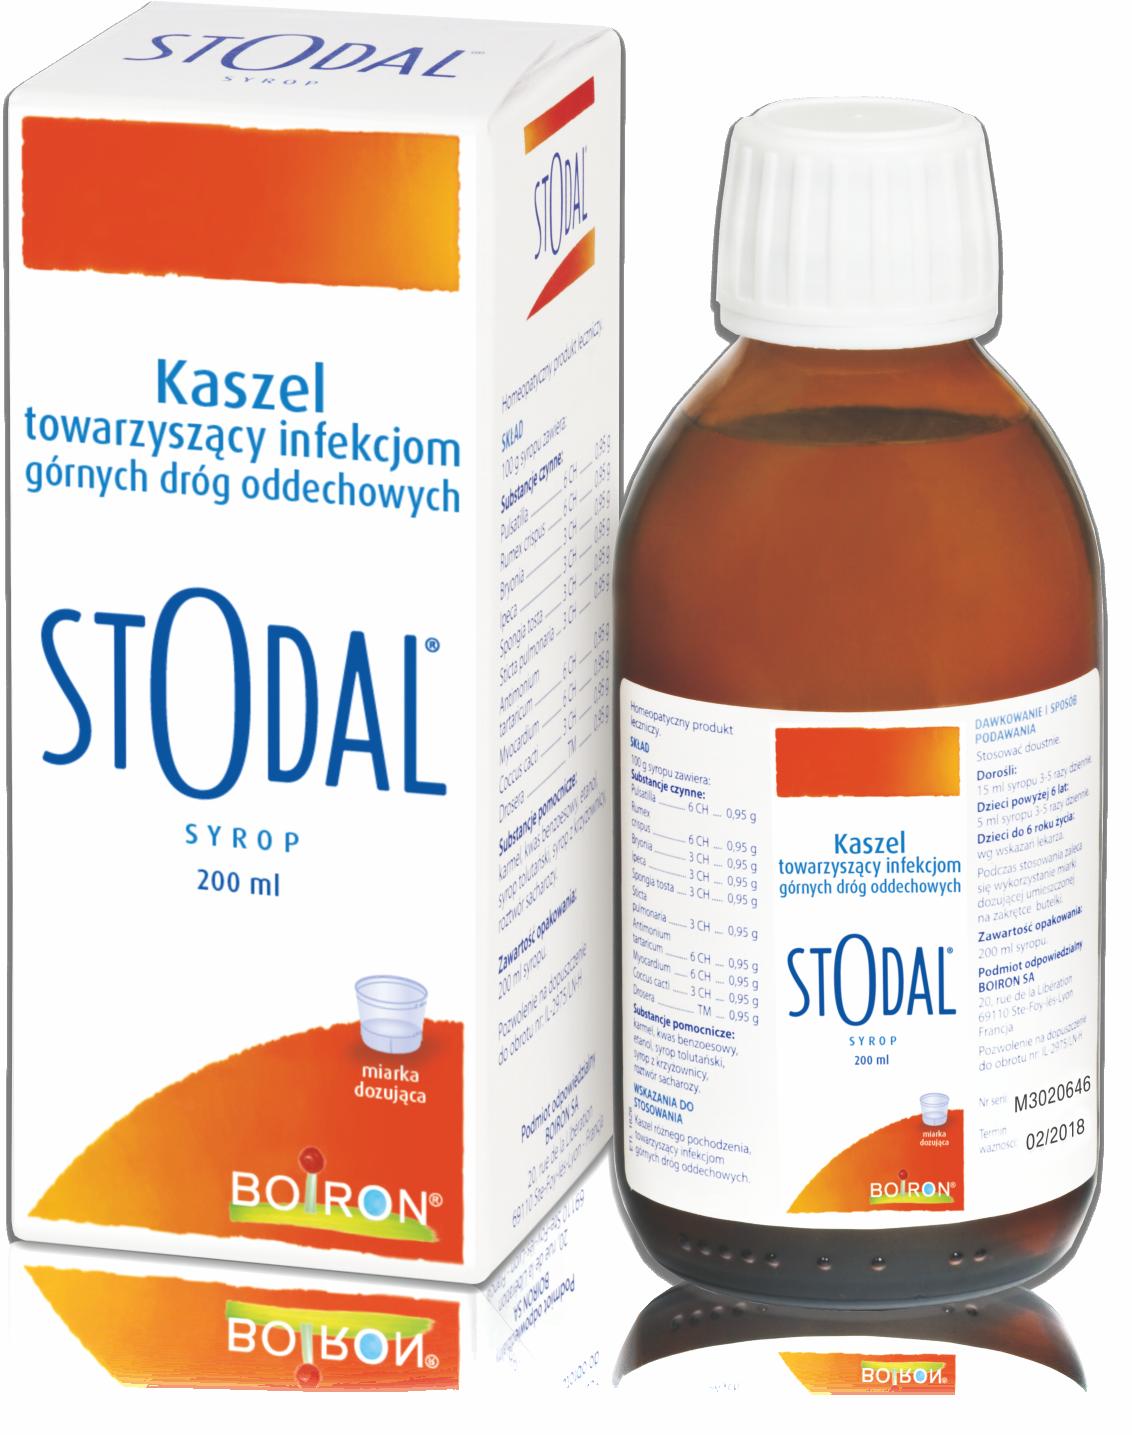 Stodal_packshot2016